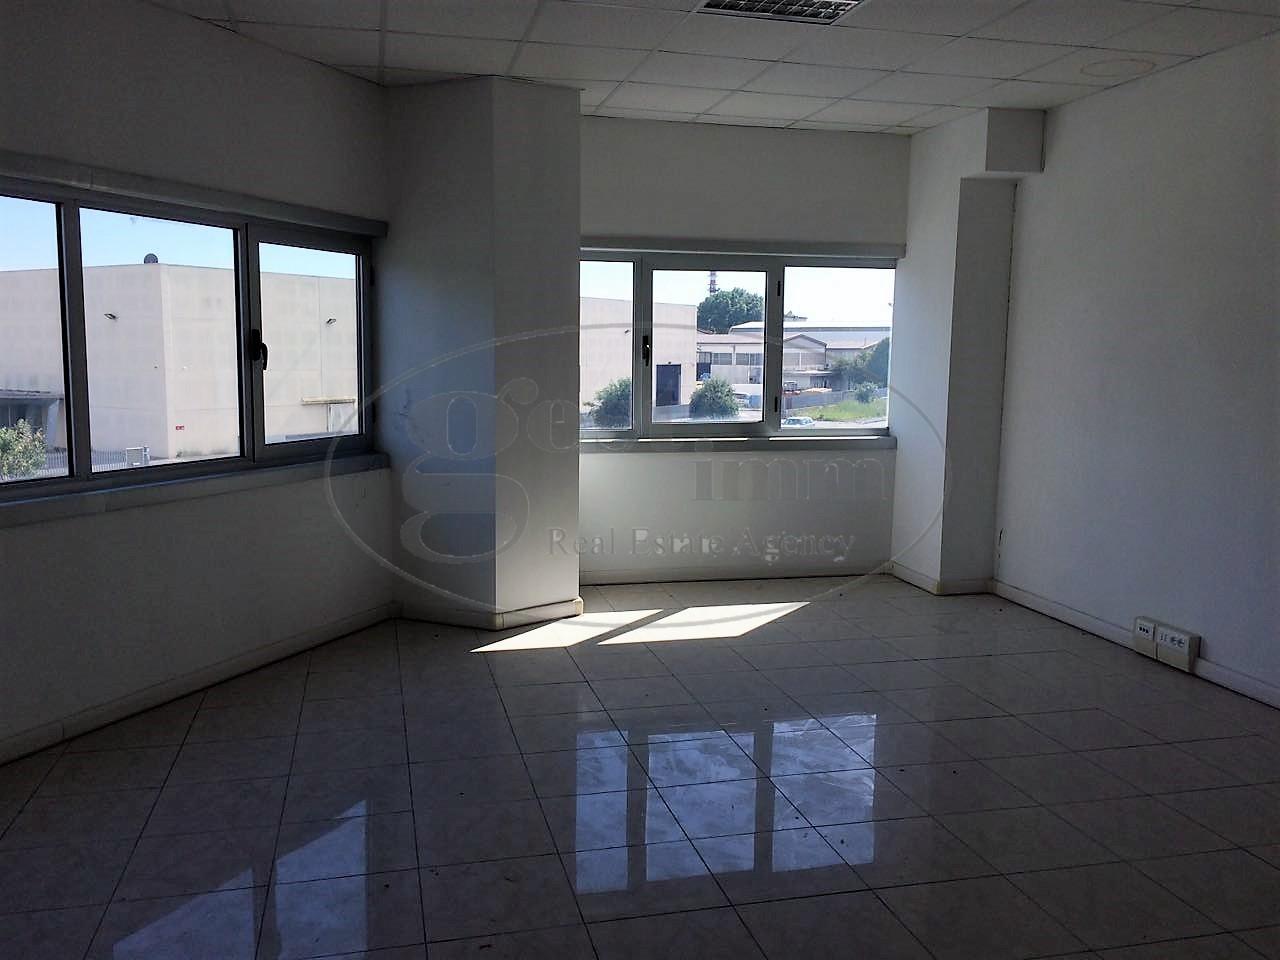 Ufficio in vendita a Livorno  LaCasaInLivorno.it